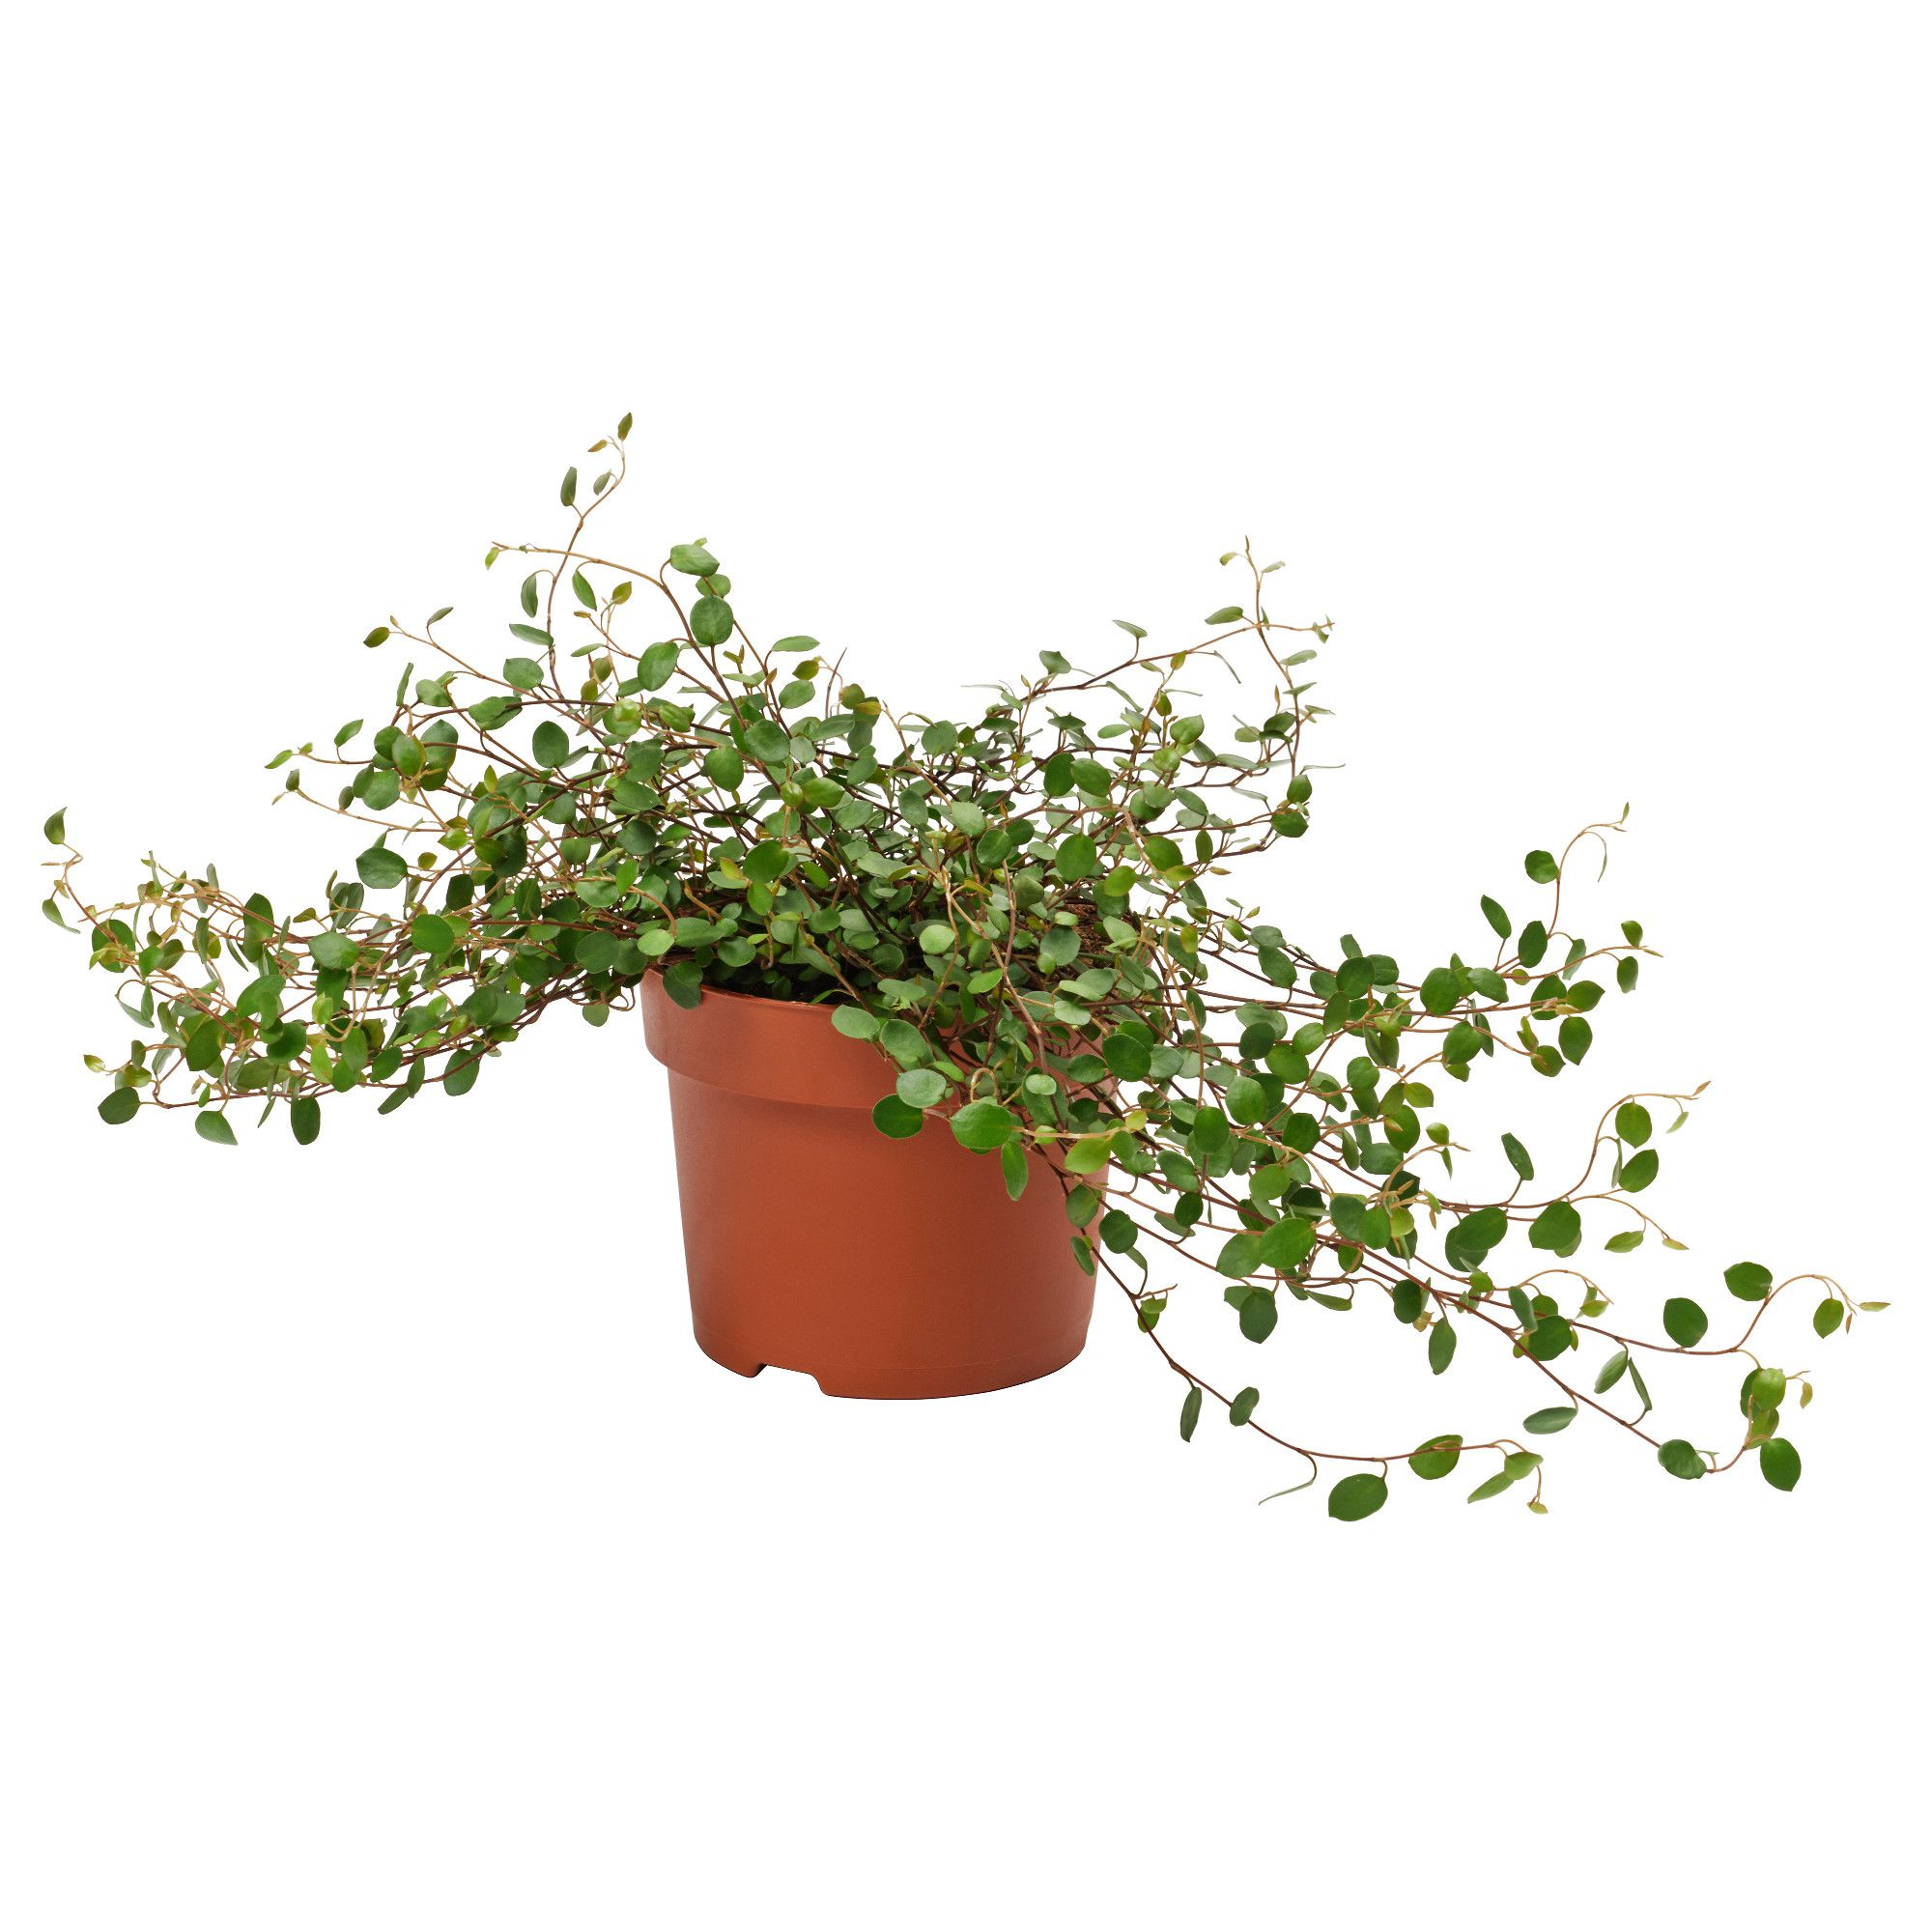 ikea muehlenbeckia plante en pot plantes d 39 int rieur pinterest deco terrasse les verts. Black Bedroom Furniture Sets. Home Design Ideas